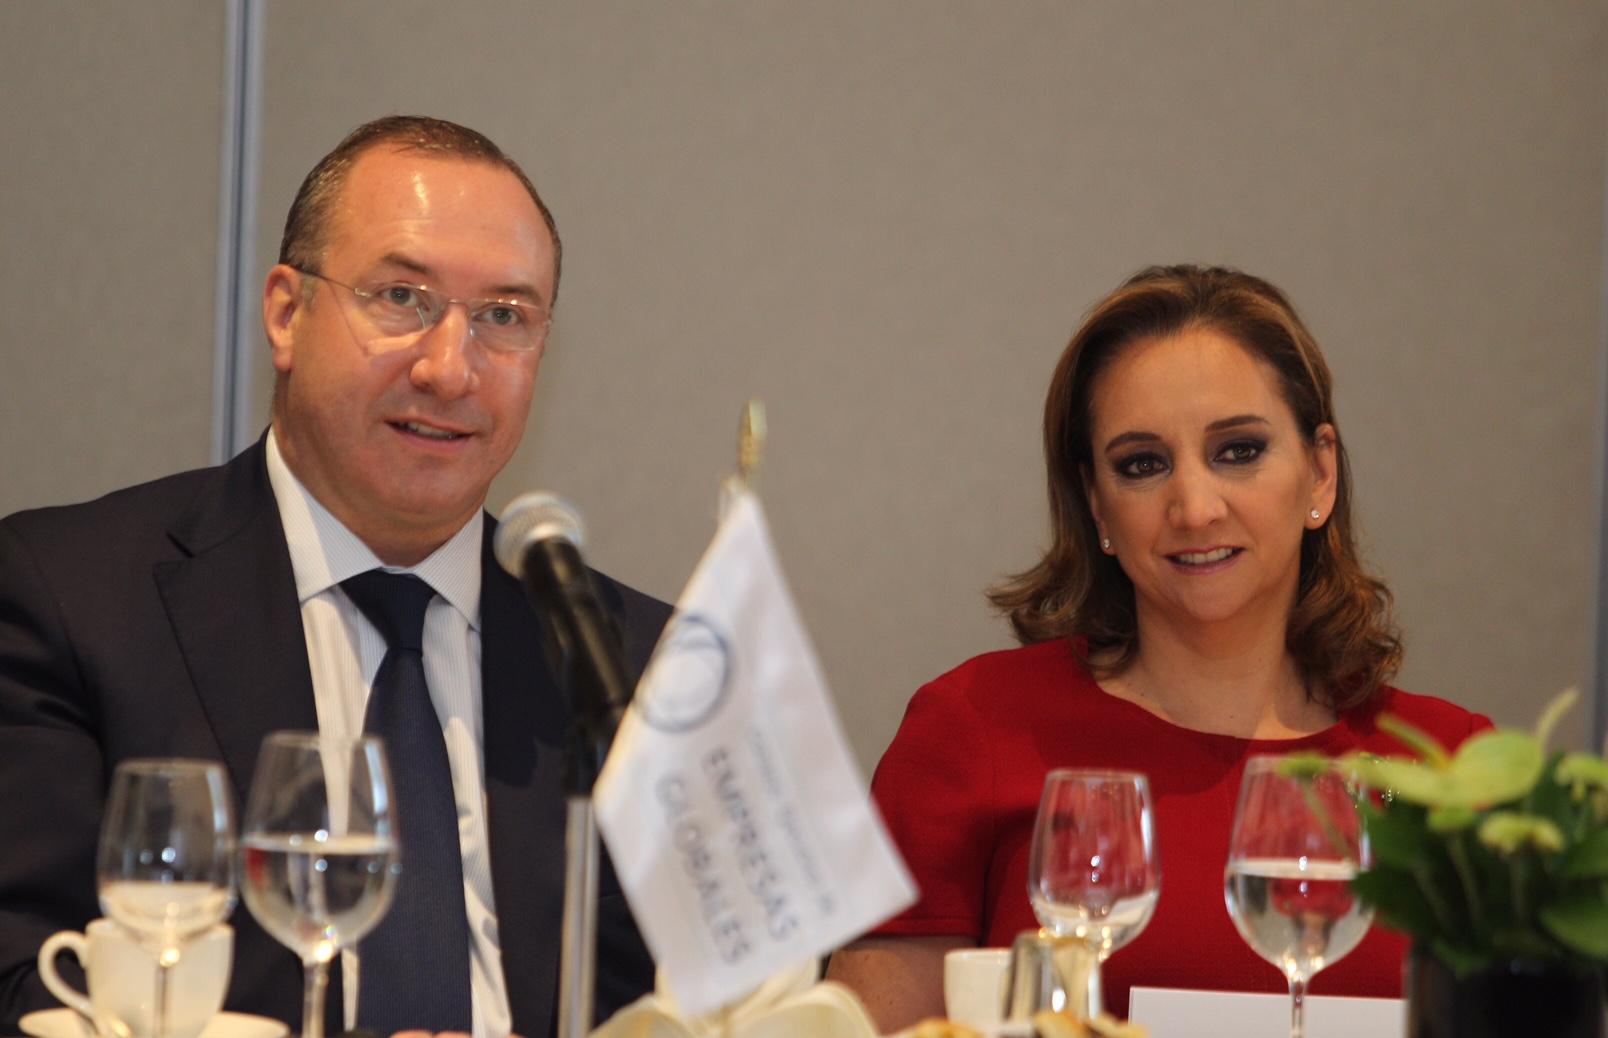 La Canciller Claudia Ruiz Massieu se reunió con representantes del Consejo Ejecutivo de Empresas Globales (CEEG) organismo integrado por 46 empresas multinacionales con presencia en México.